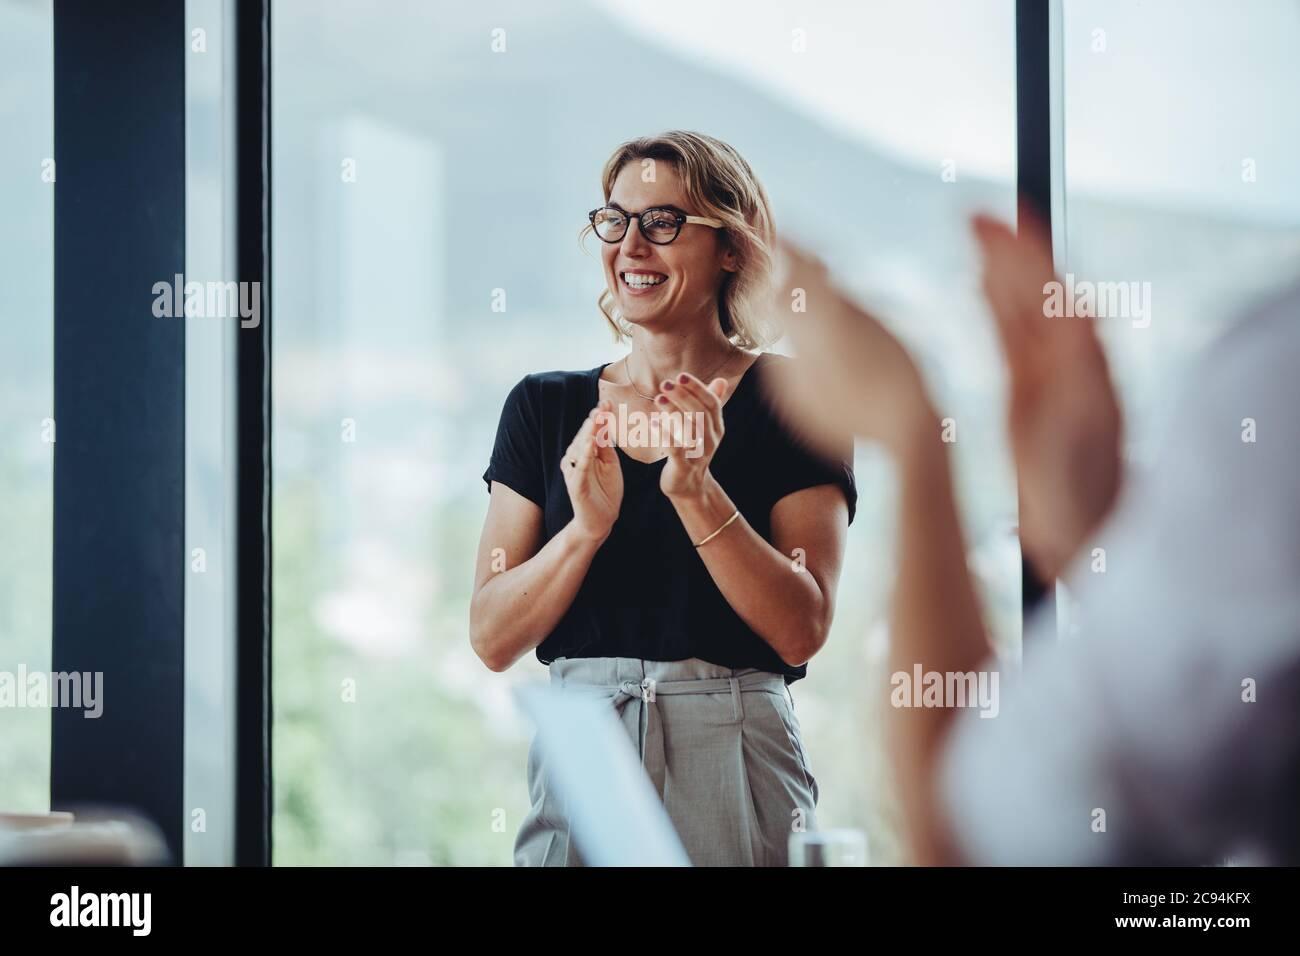 Una mujer de negocios que se alzaba las manos después de una sesión exitosa de lluvia de ideas en la sala de juntas. Gente de negocios mujeres aplaudiendo después de reunión productiva. Foto de stock